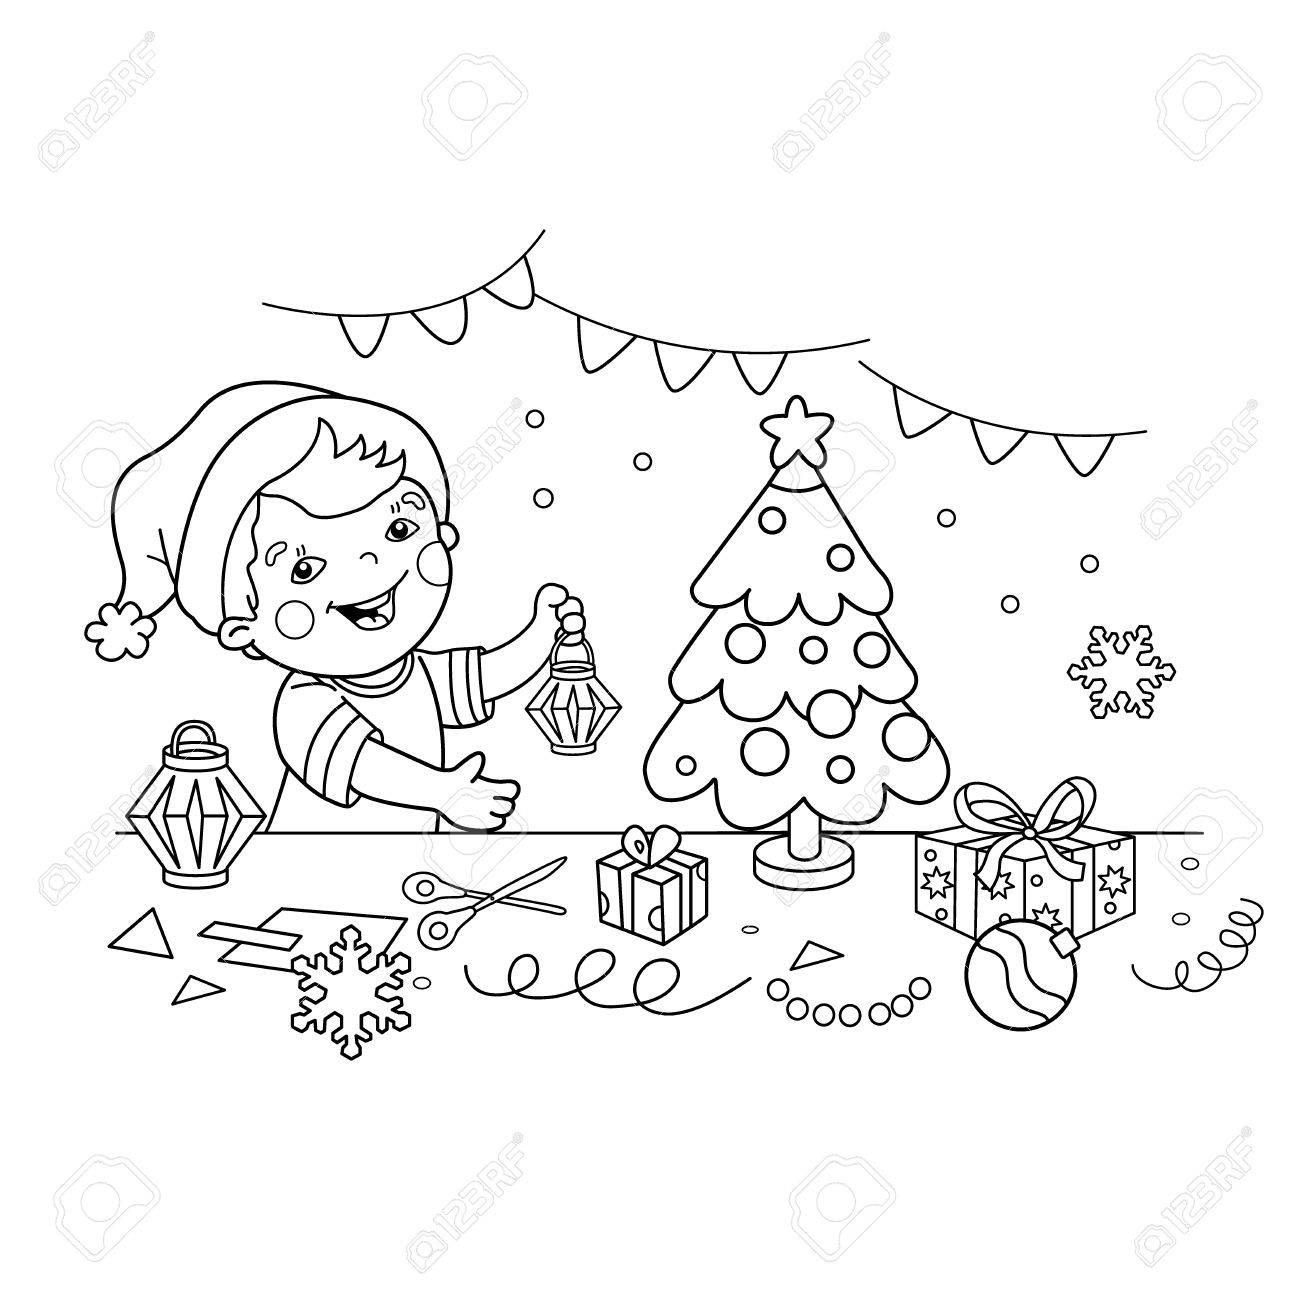 ぬりえページ概要の漫画少年クリスマス紙提灯を作るしますクリスマス